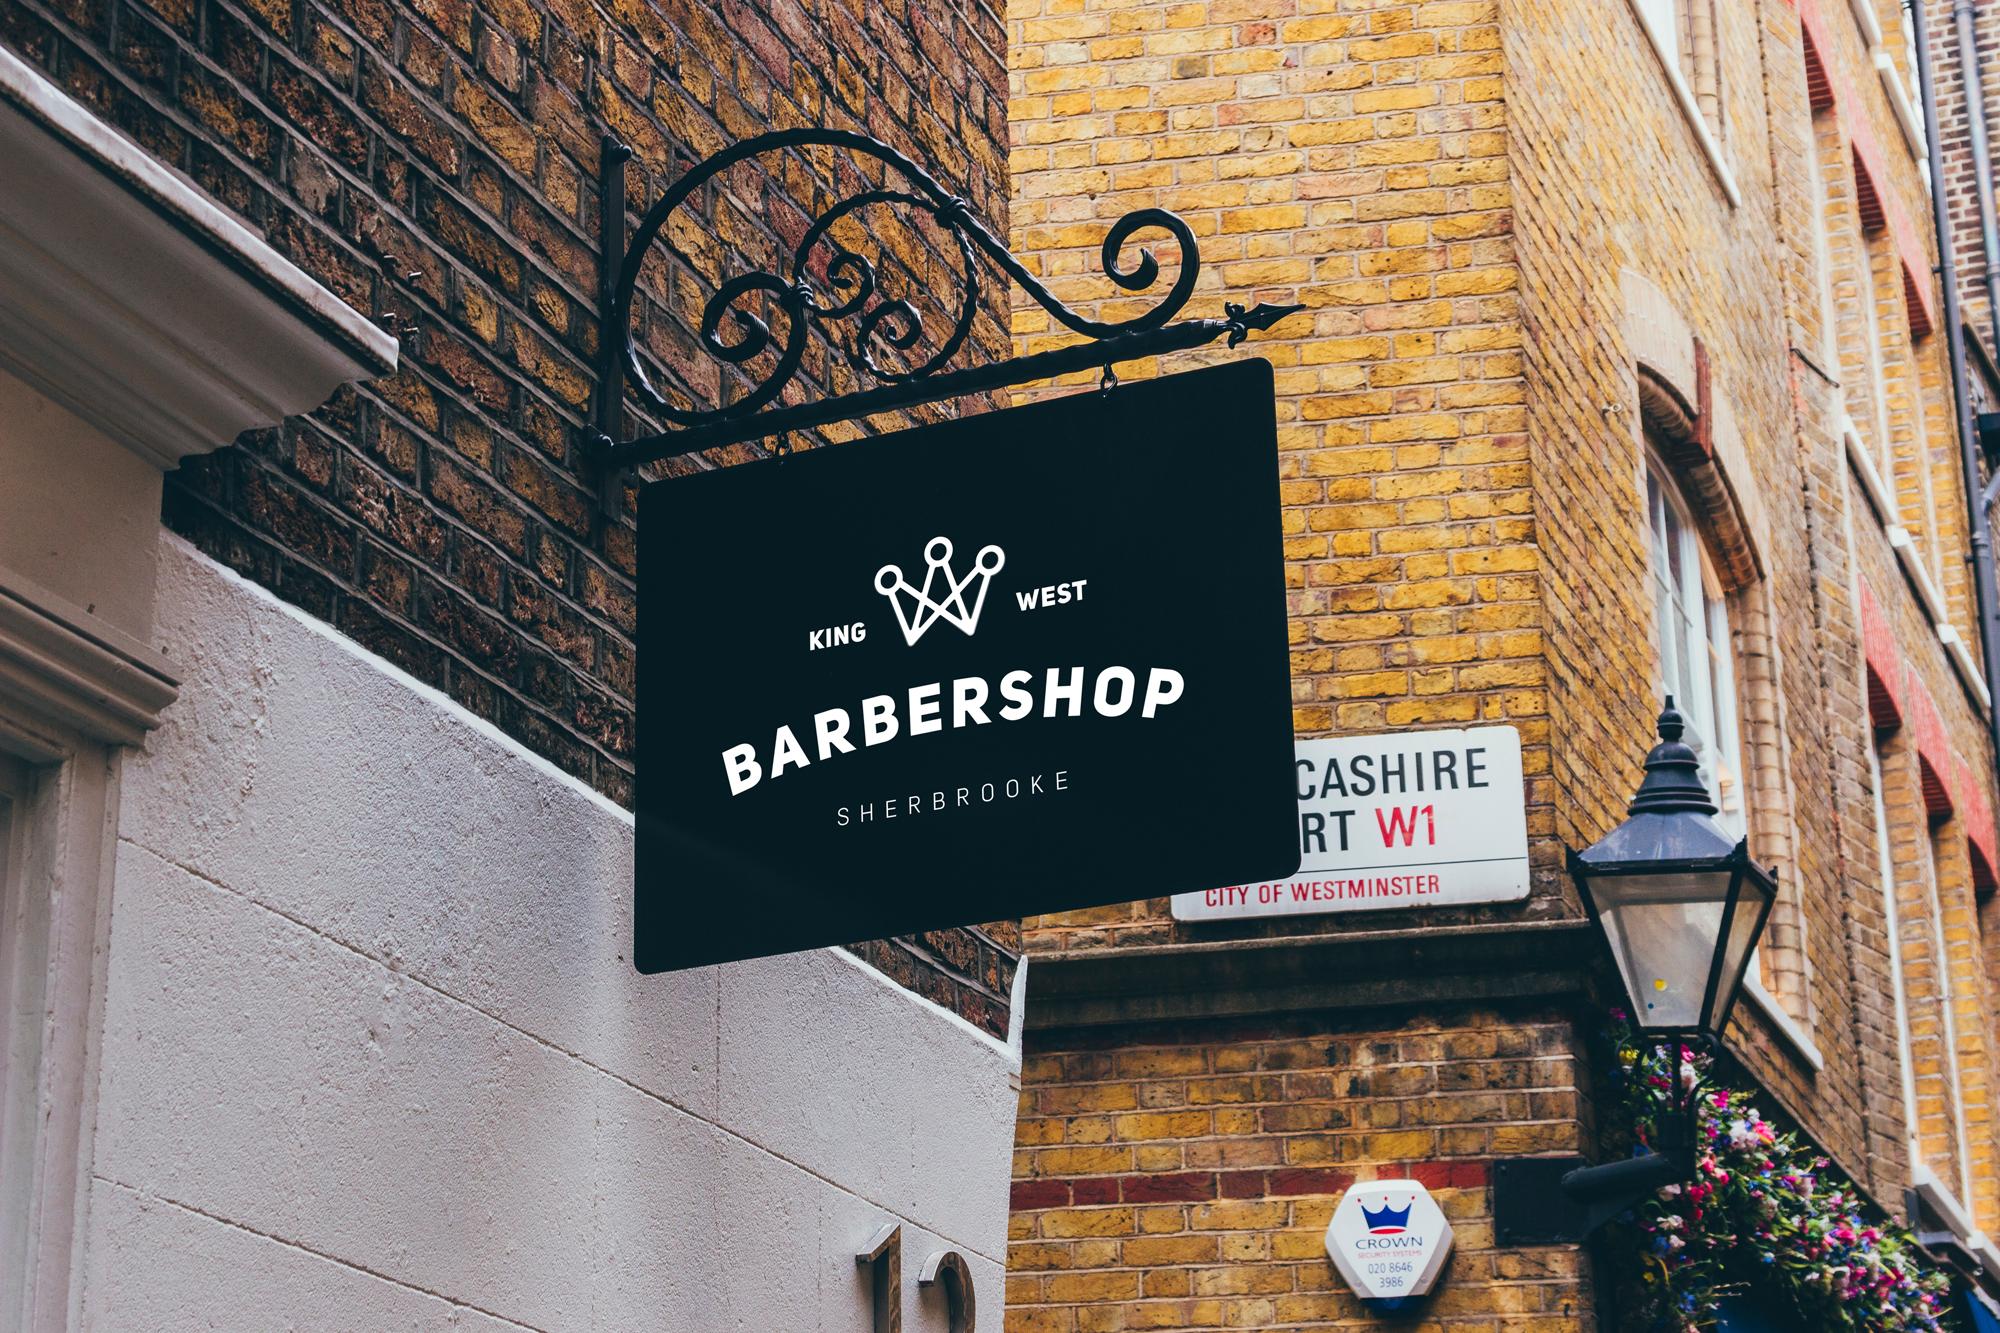 barbershop enseigne extérieure